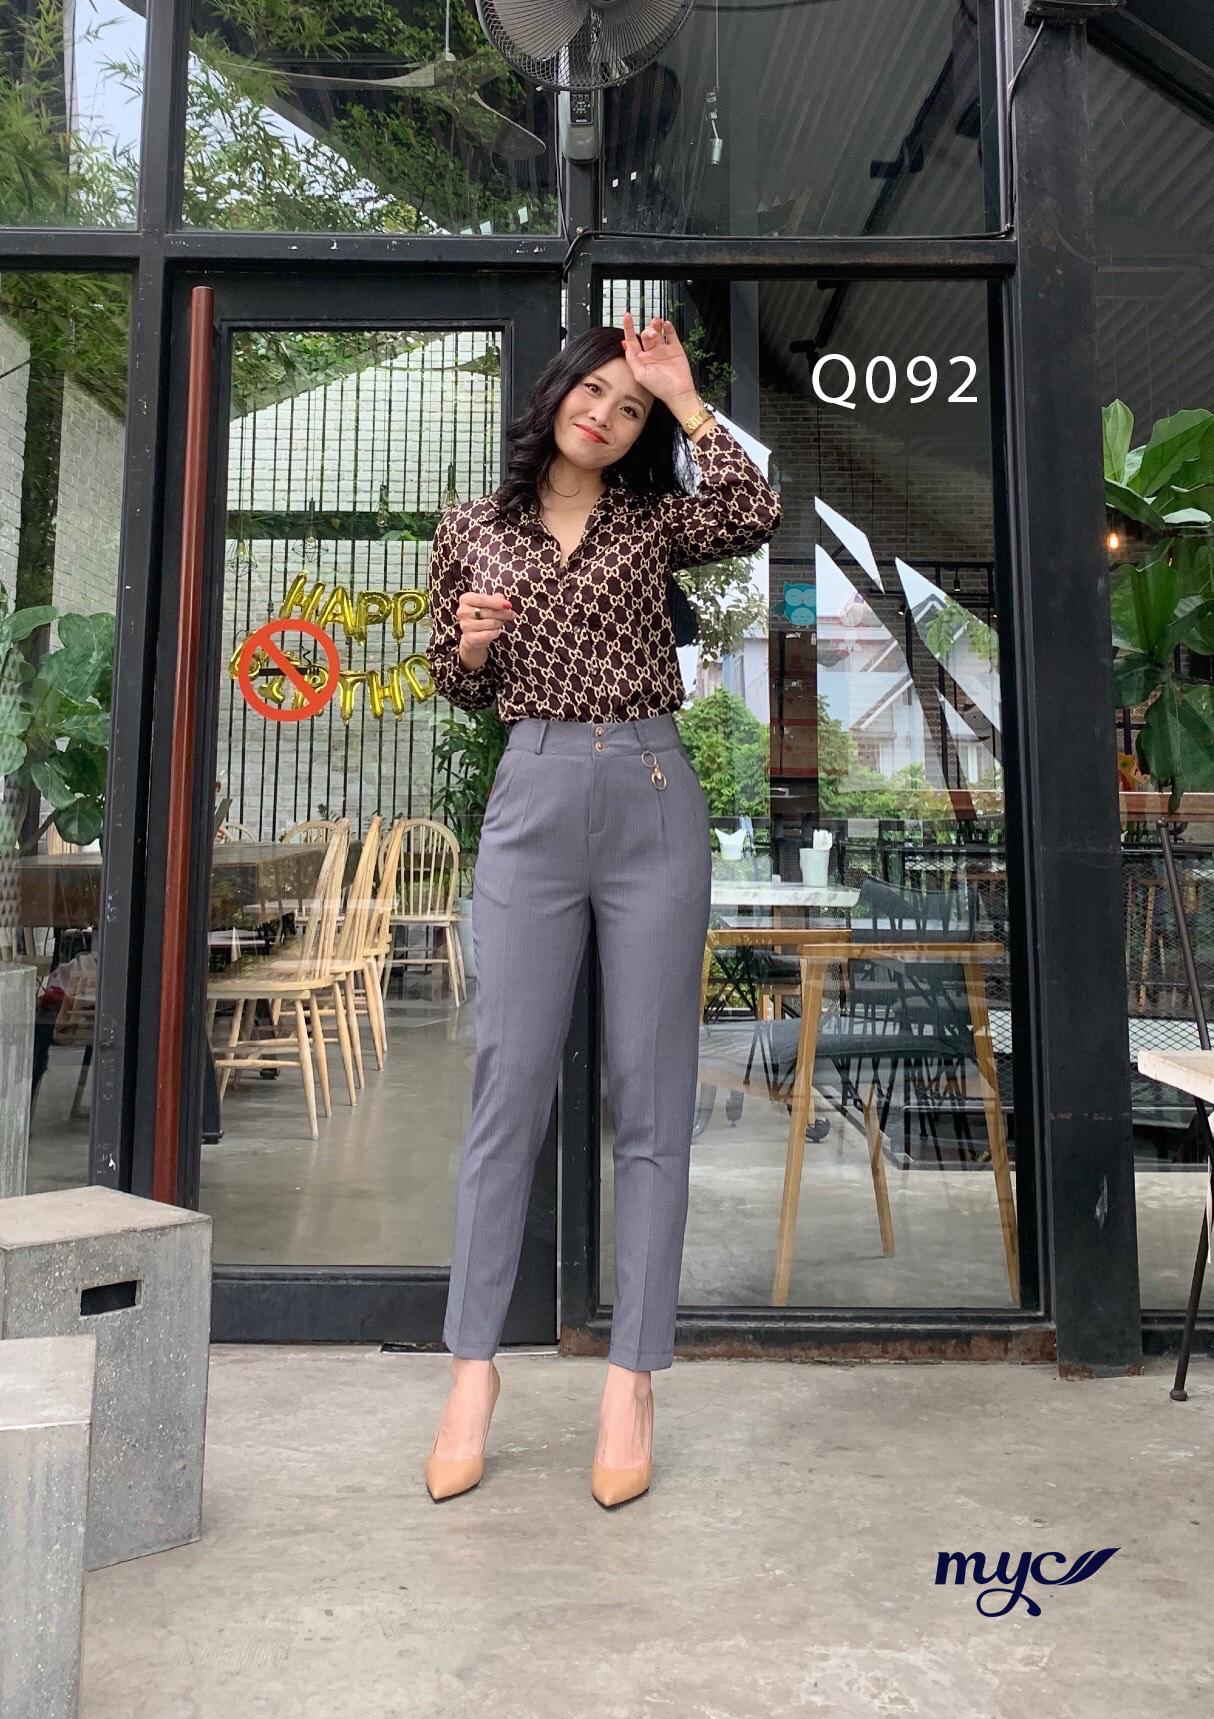 MYC Fashion: Dẫn đầu xu hướng thời trang sang trọng của cô nàng công sở - Ảnh 5